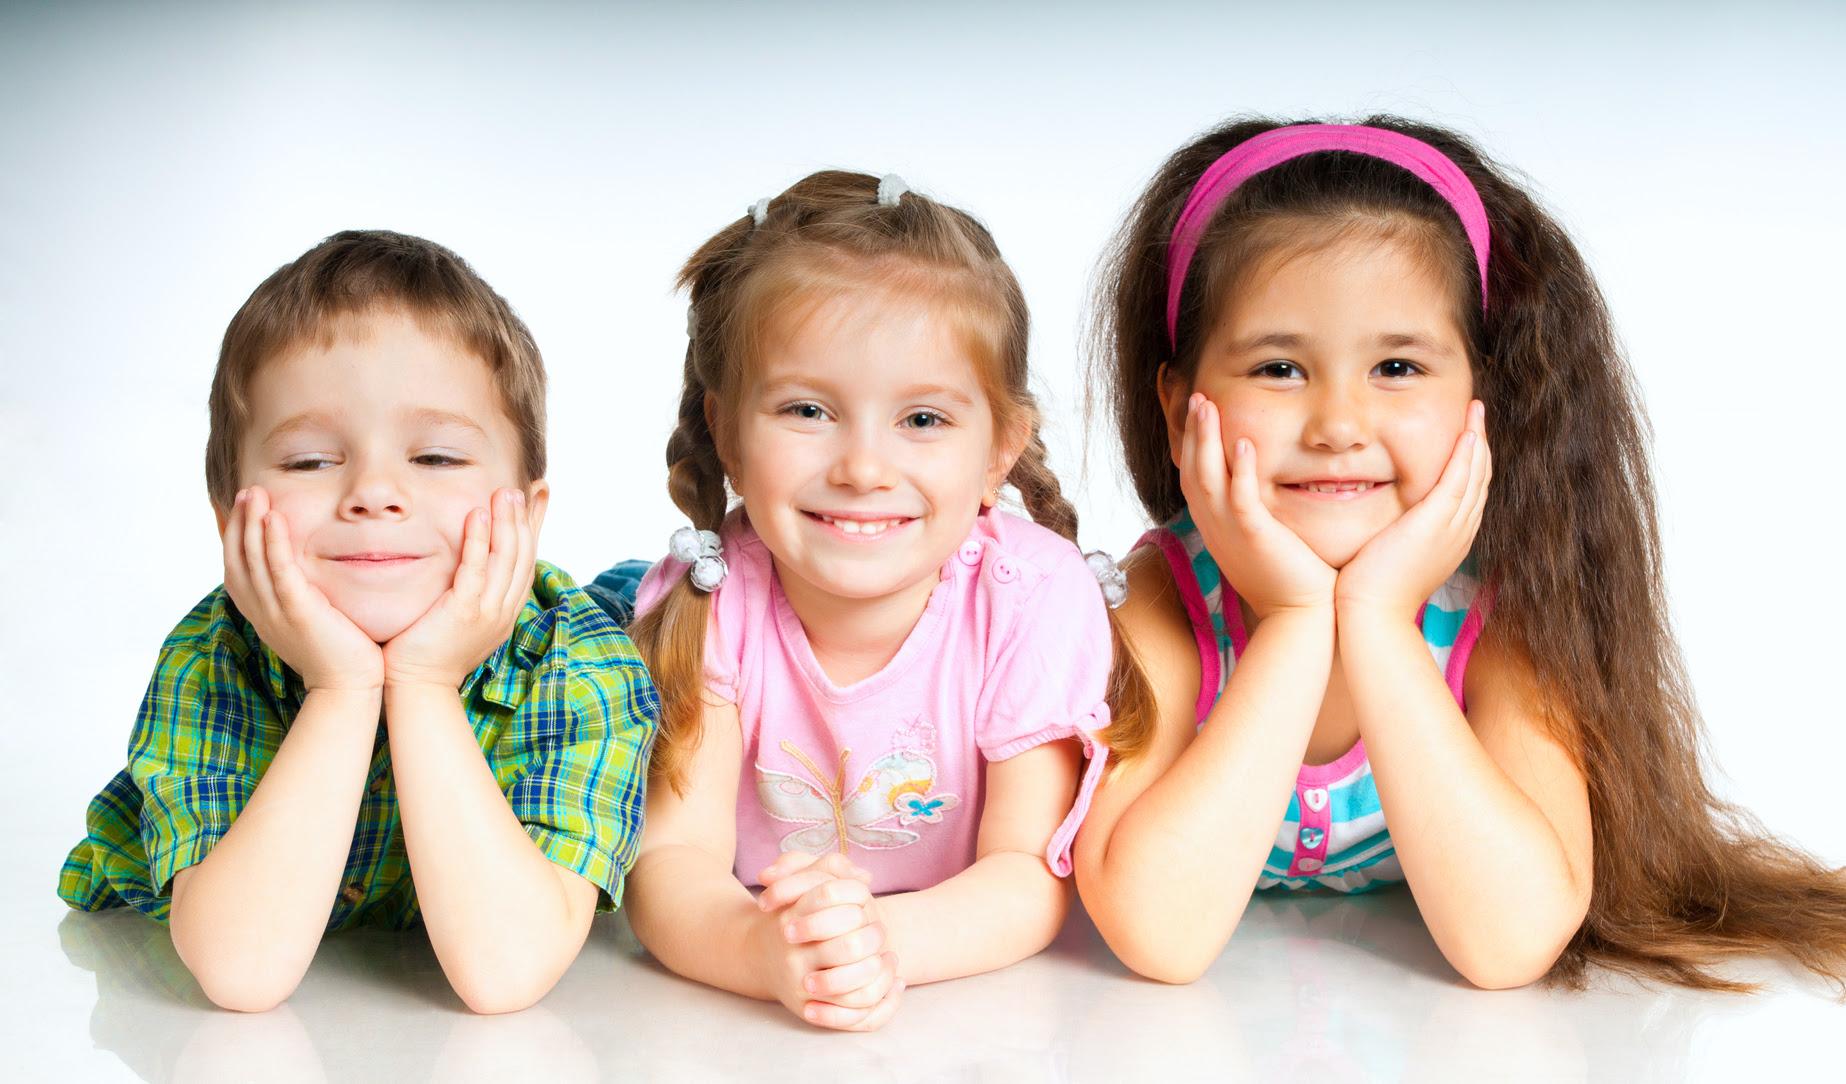 Bebés de diseño simulados y seleccionados por ordenador